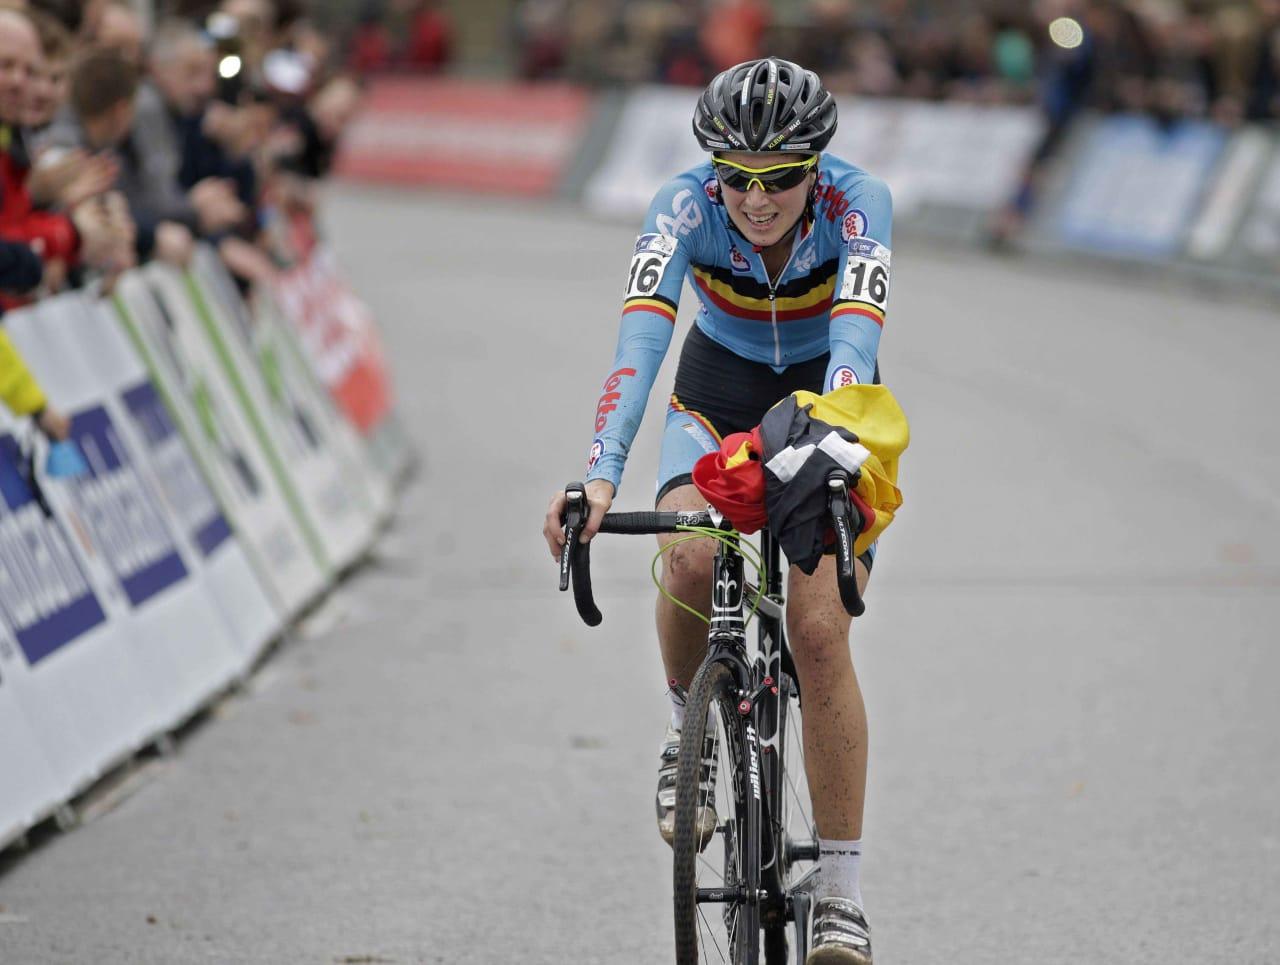 TVILSOM ÆRE: Femke van den Driessche er den første syklisten som blir tatt med motor i rammen. Foto: Cor Vos.